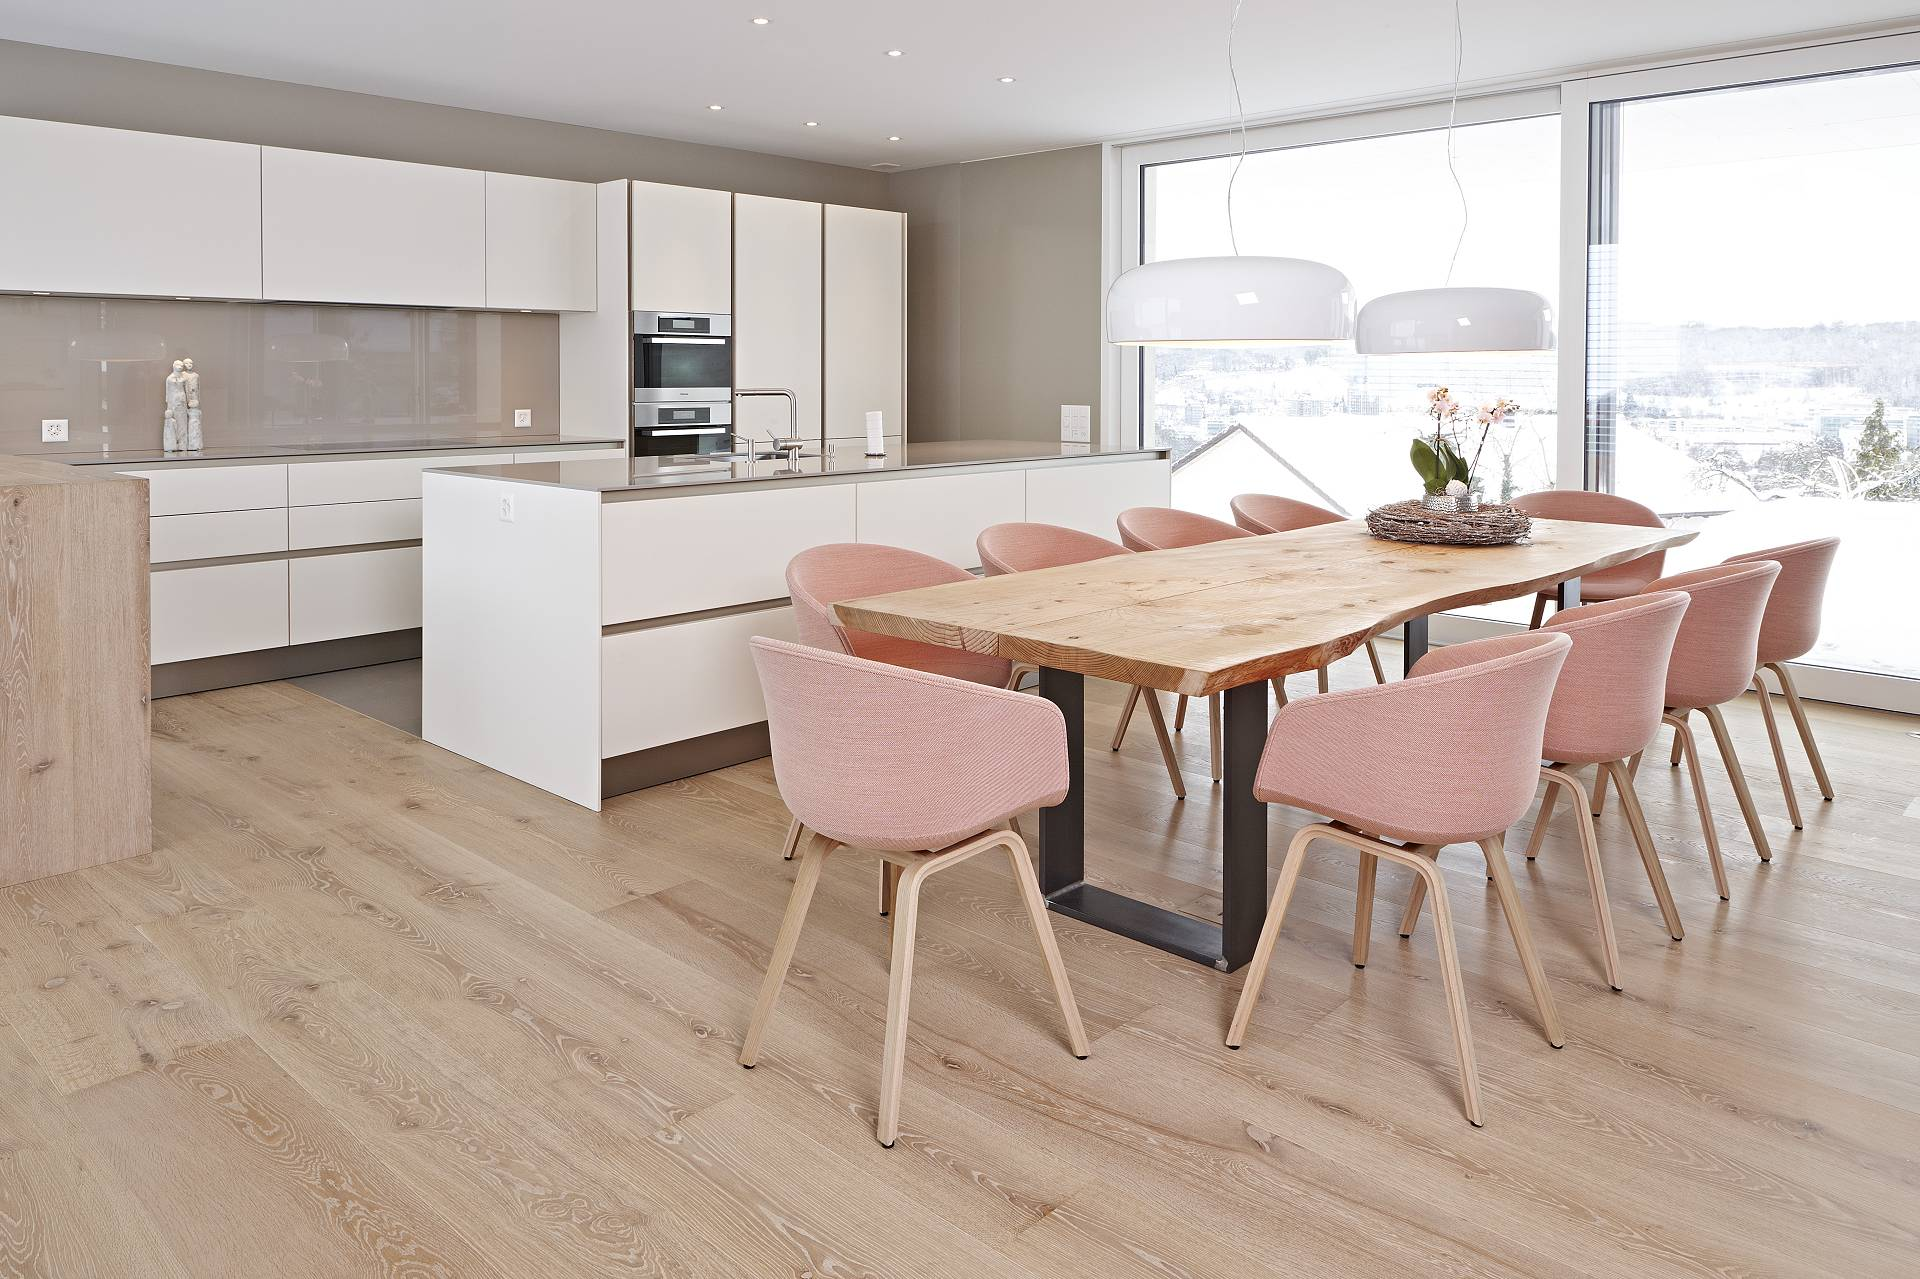 Küchenstudio Seipp: Küchen in Waldshut Tiengen | SieMatic.com